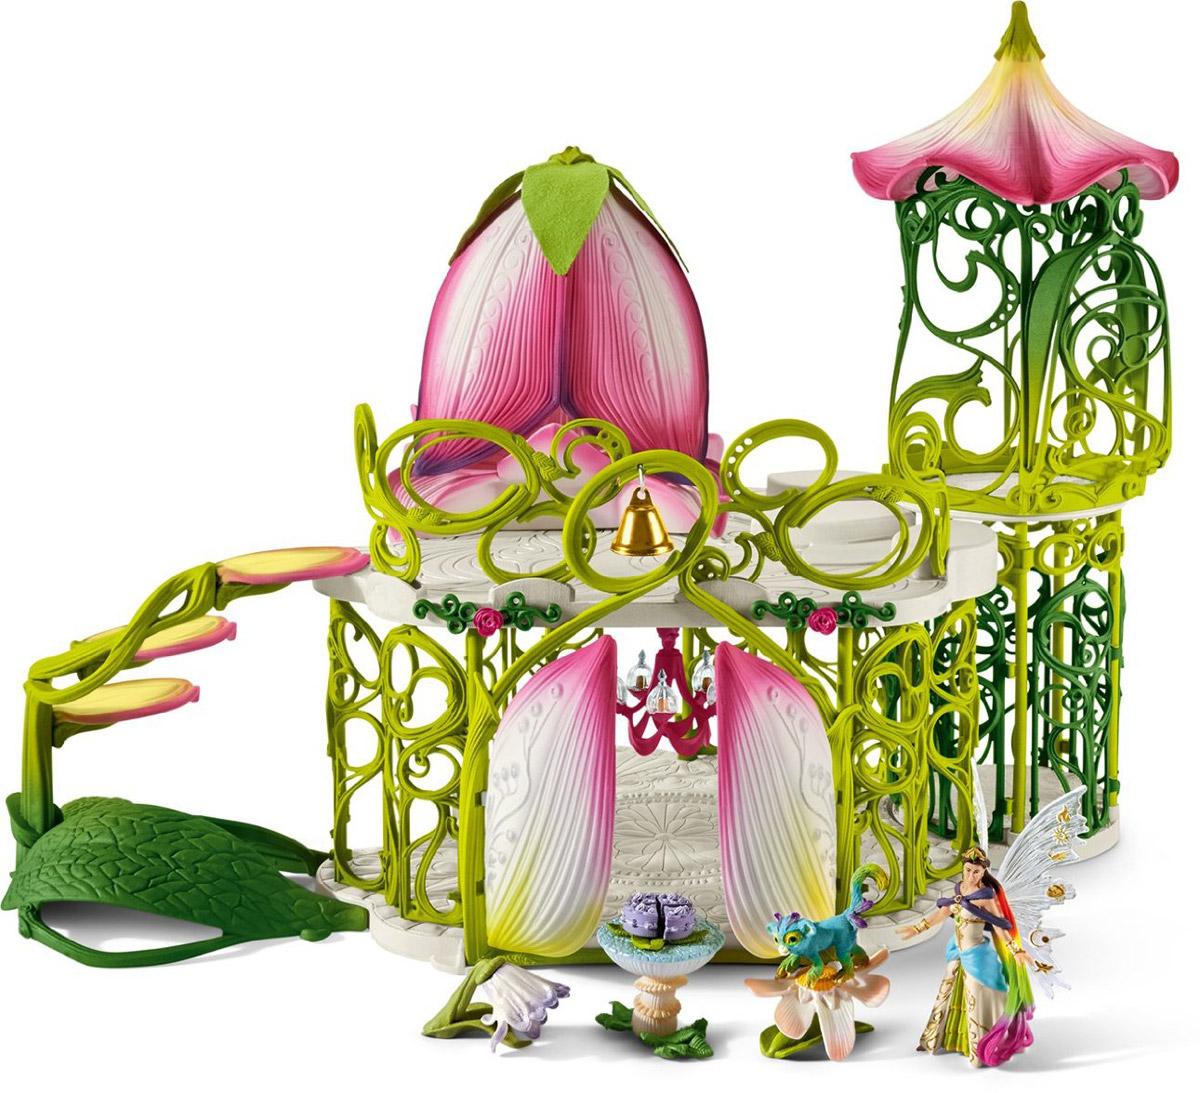 Schleich Игровой набор Волшебный эльфийский замок с аксессуарами schleich bayala